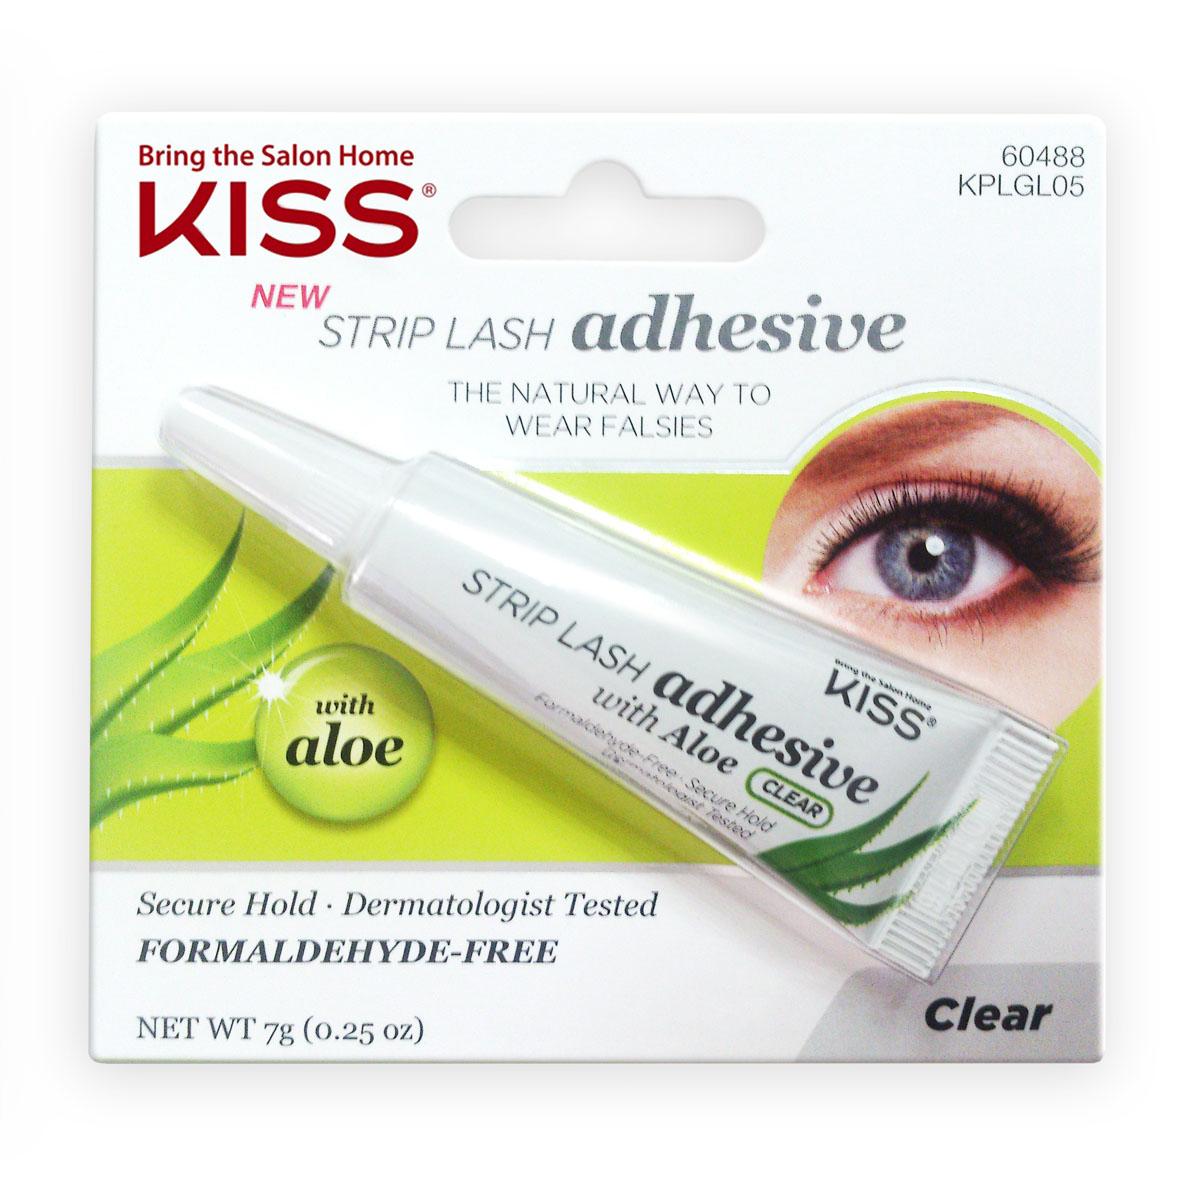 Kiss Клей с алое для накладных ресниц, Прозрачный Strip Lash Adhesive KPLGL0512-641Гипоаллергенный клей для накладных ресниц прозрачного цвета поможет скрыть все погрешности и несовершенства при аппликации. В его состав входит экстракт алое, который обеспечивает смягчающий и успокаивающий эффект. Не вызывает раздражения. Протестировано и одобрено дерматологами.